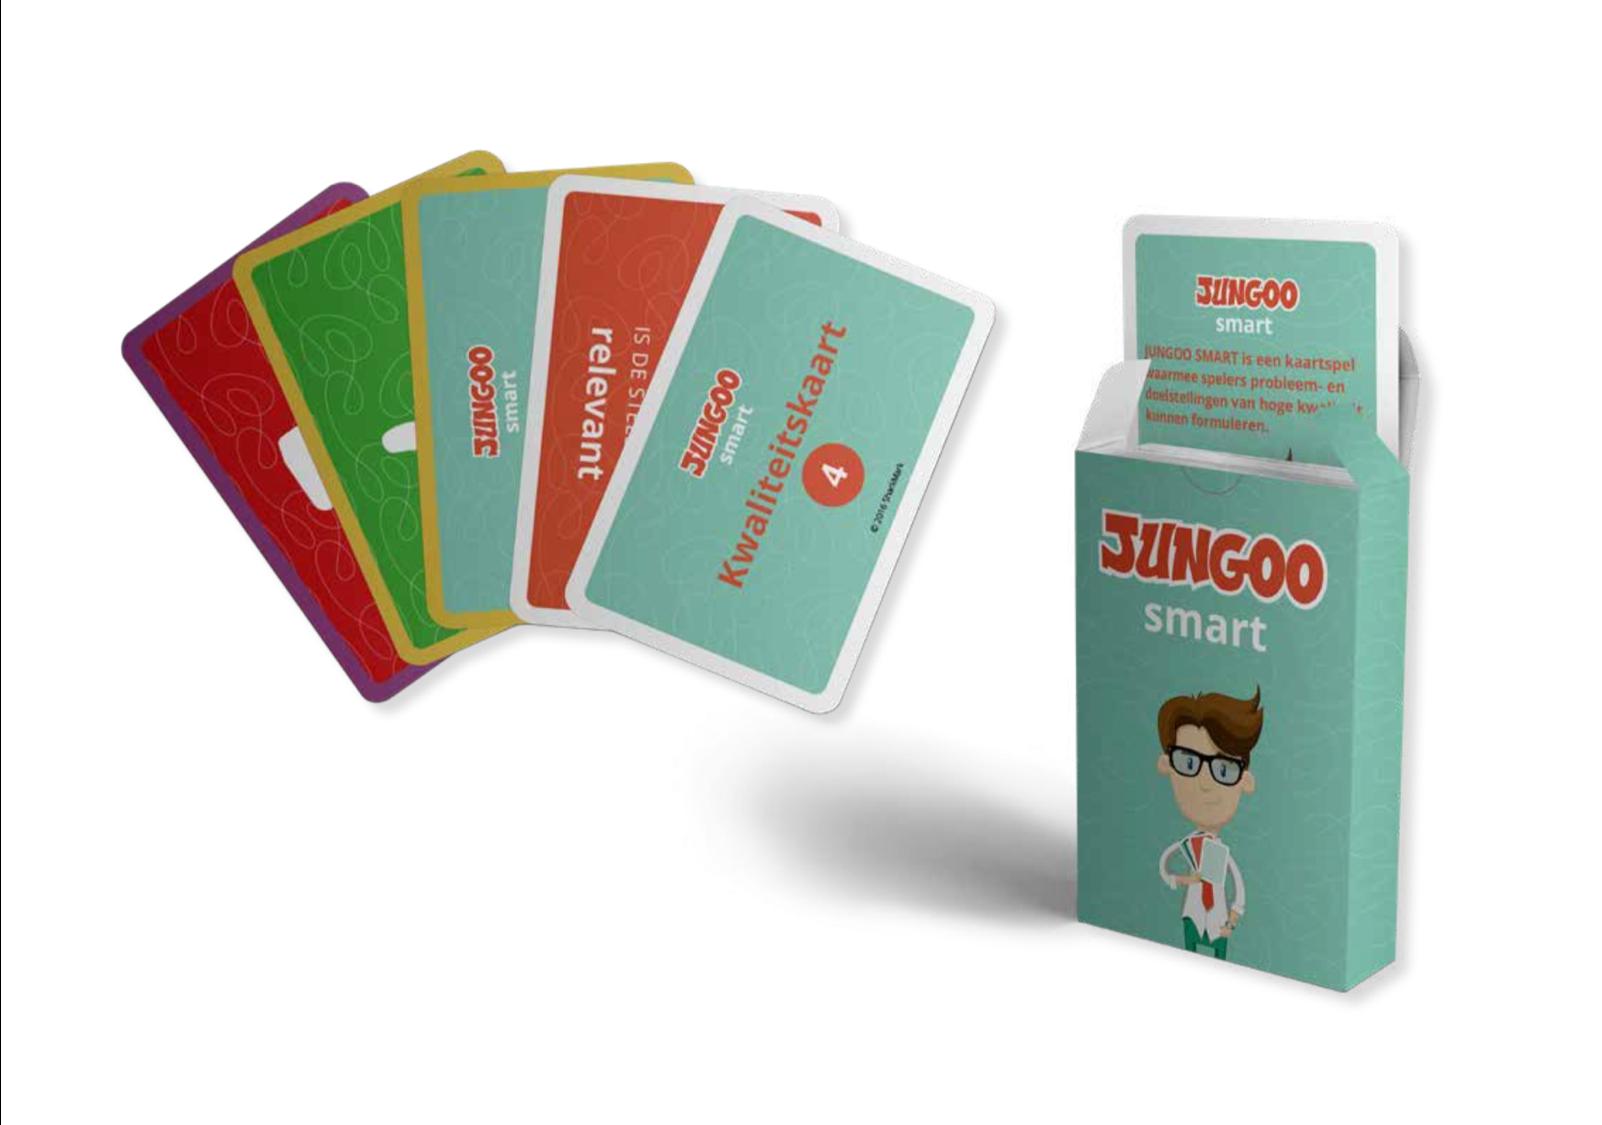 JUNGOO Smart_01.png